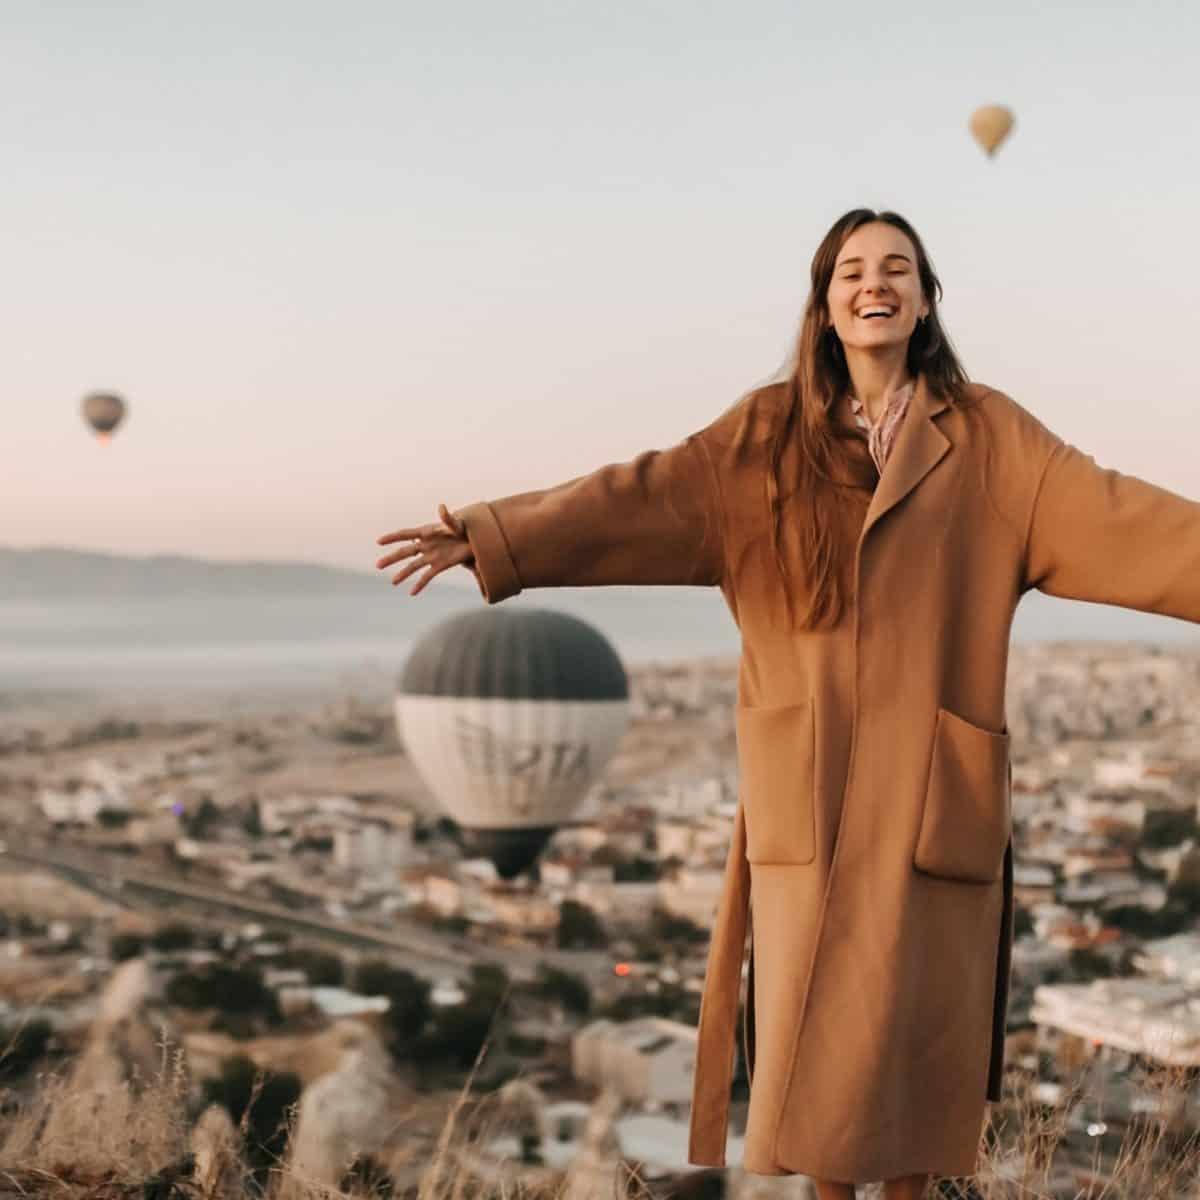 Mujer En Turquia Capadocia Con Globos Planesturisticos.com - Promo Turquía 13 Días 11 Noches · Hasta Diciembre 2021